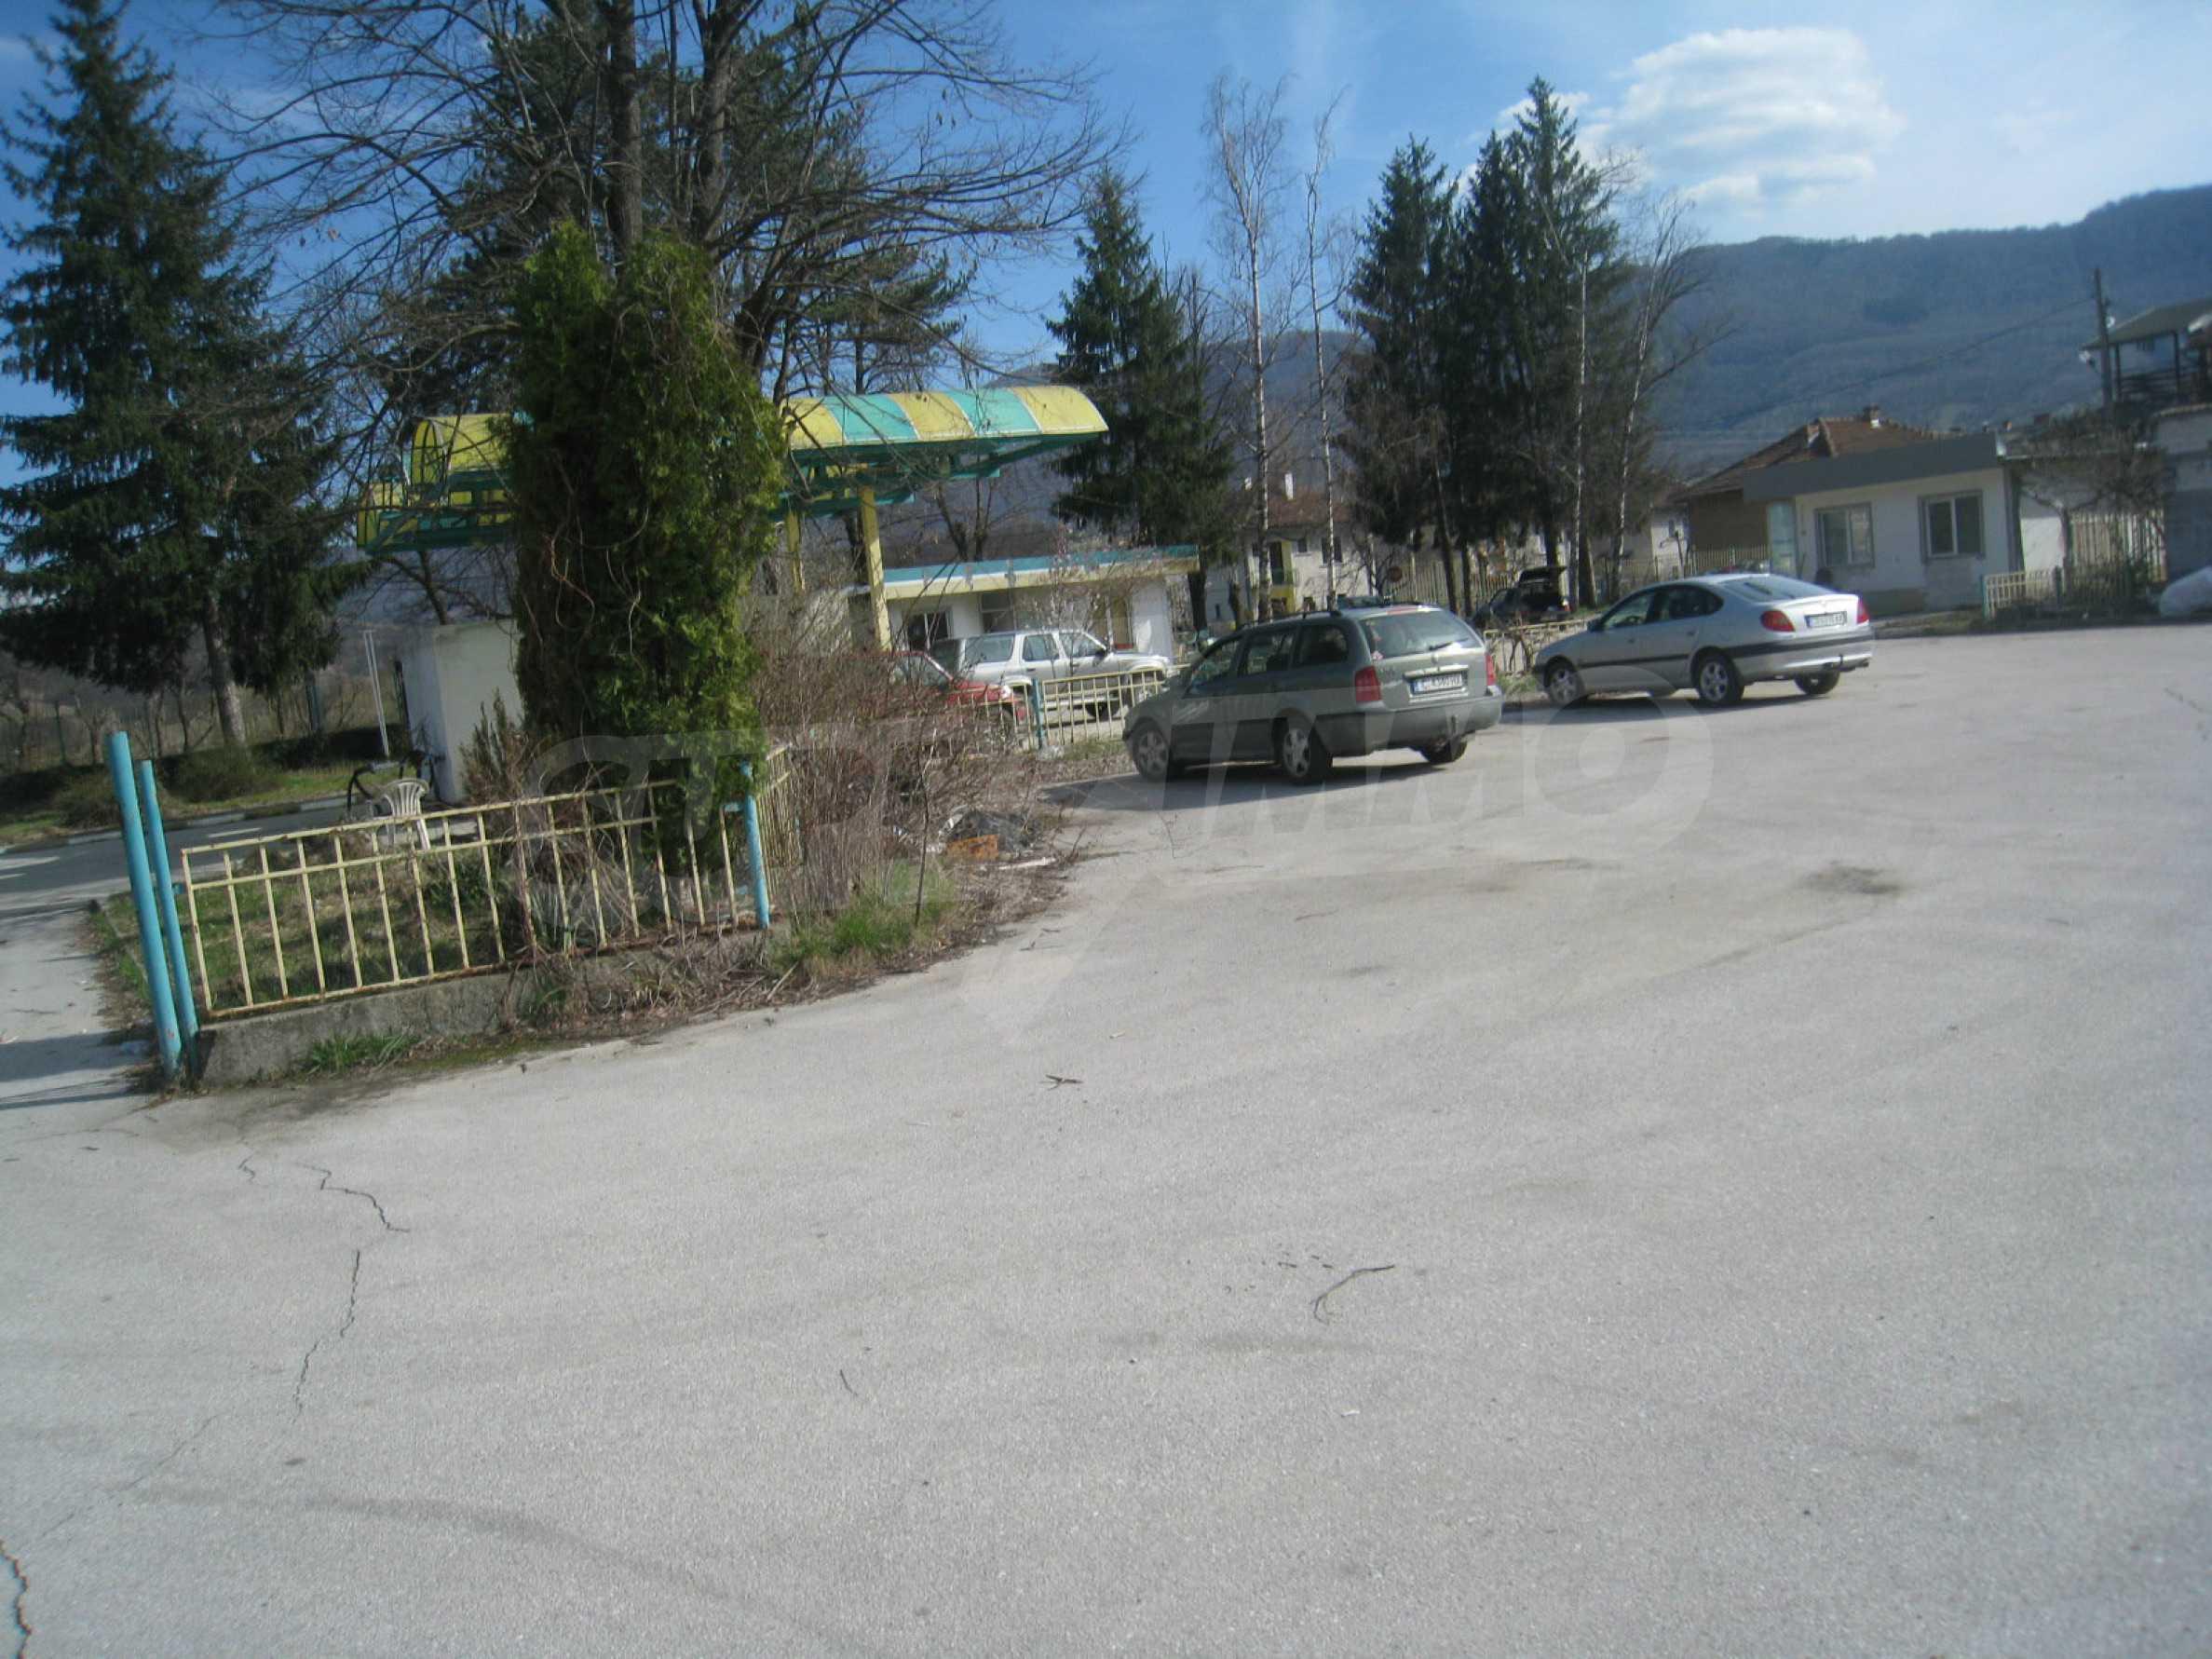 Hotelanlage mit Schwimmbad, Tankstelle und großem Grundstück in Etropole 43